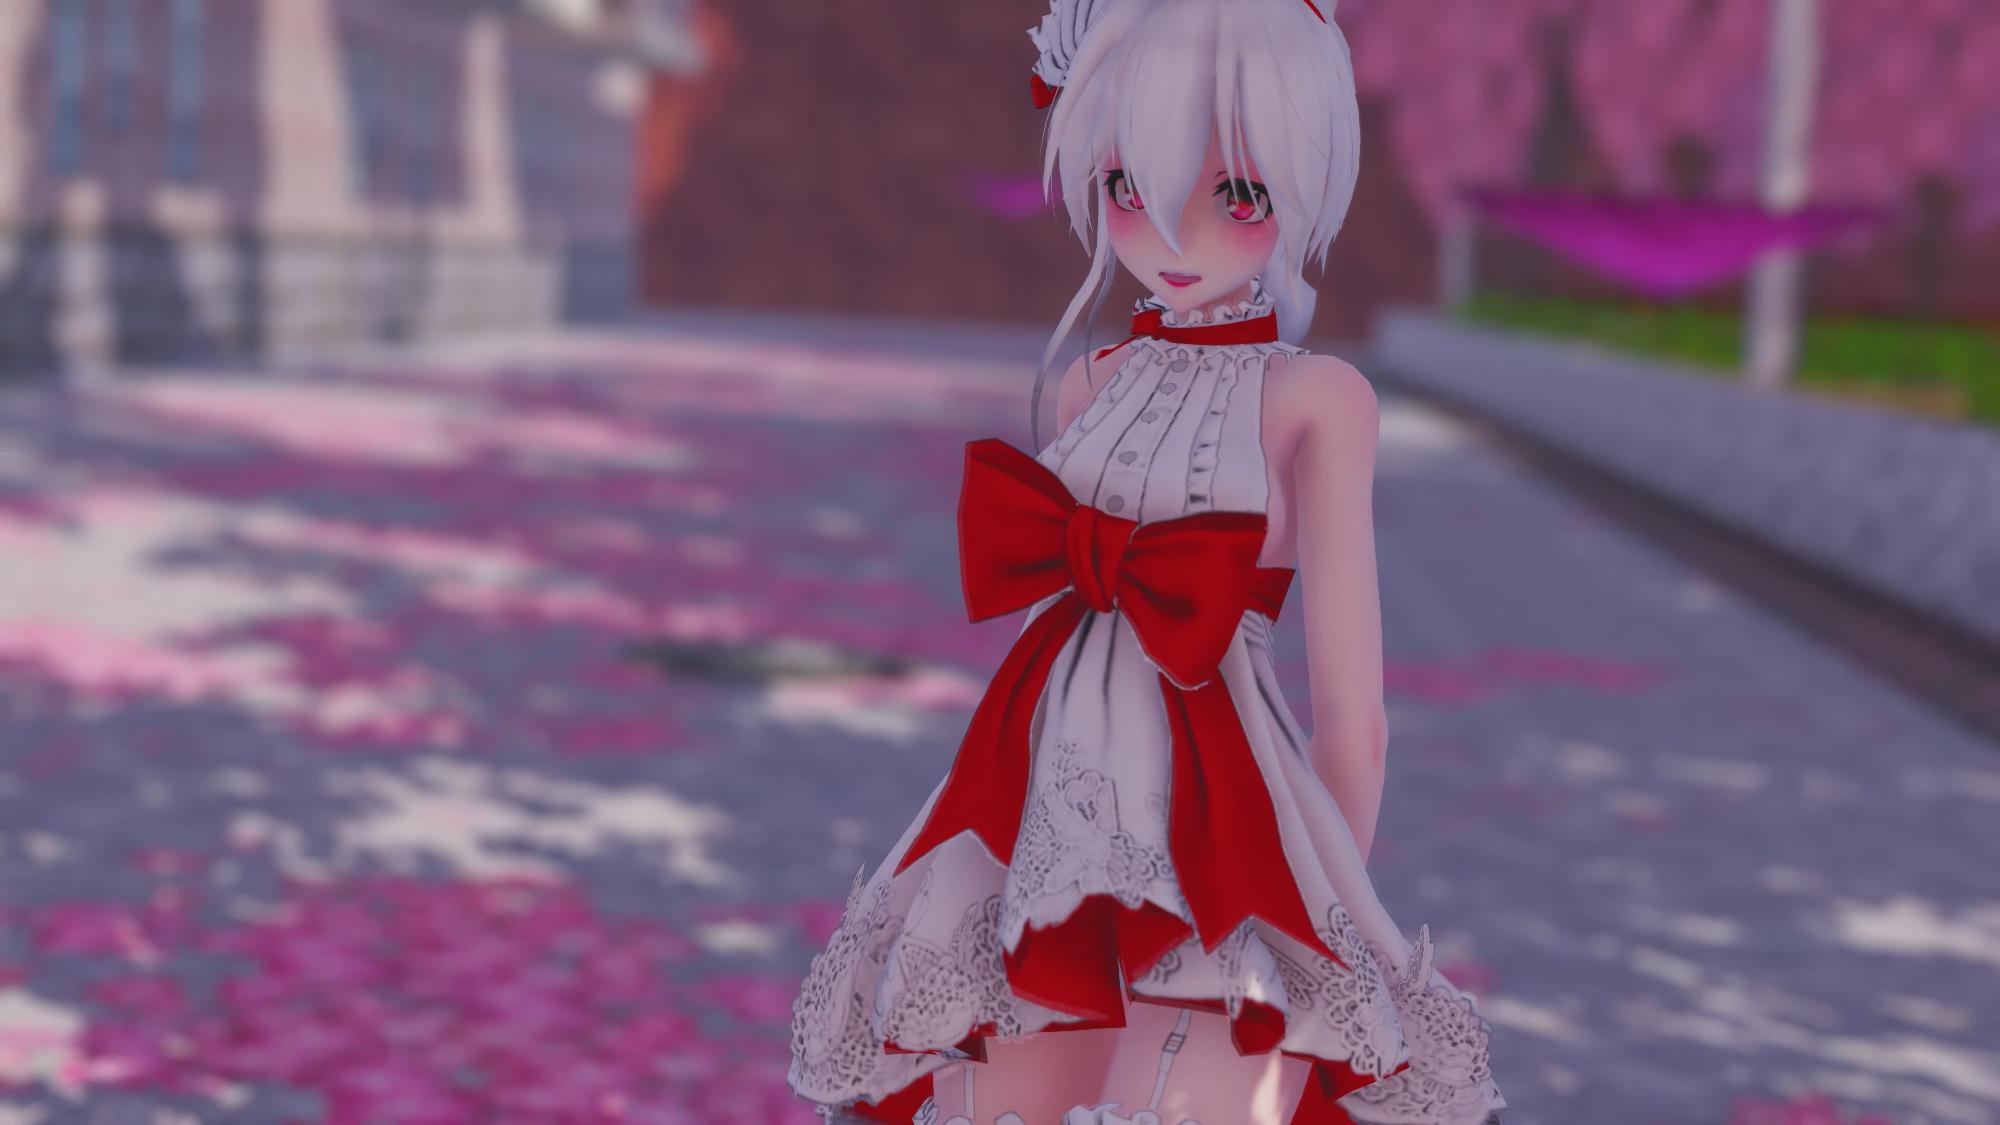 【弱音MMD】樱花樱花想见你